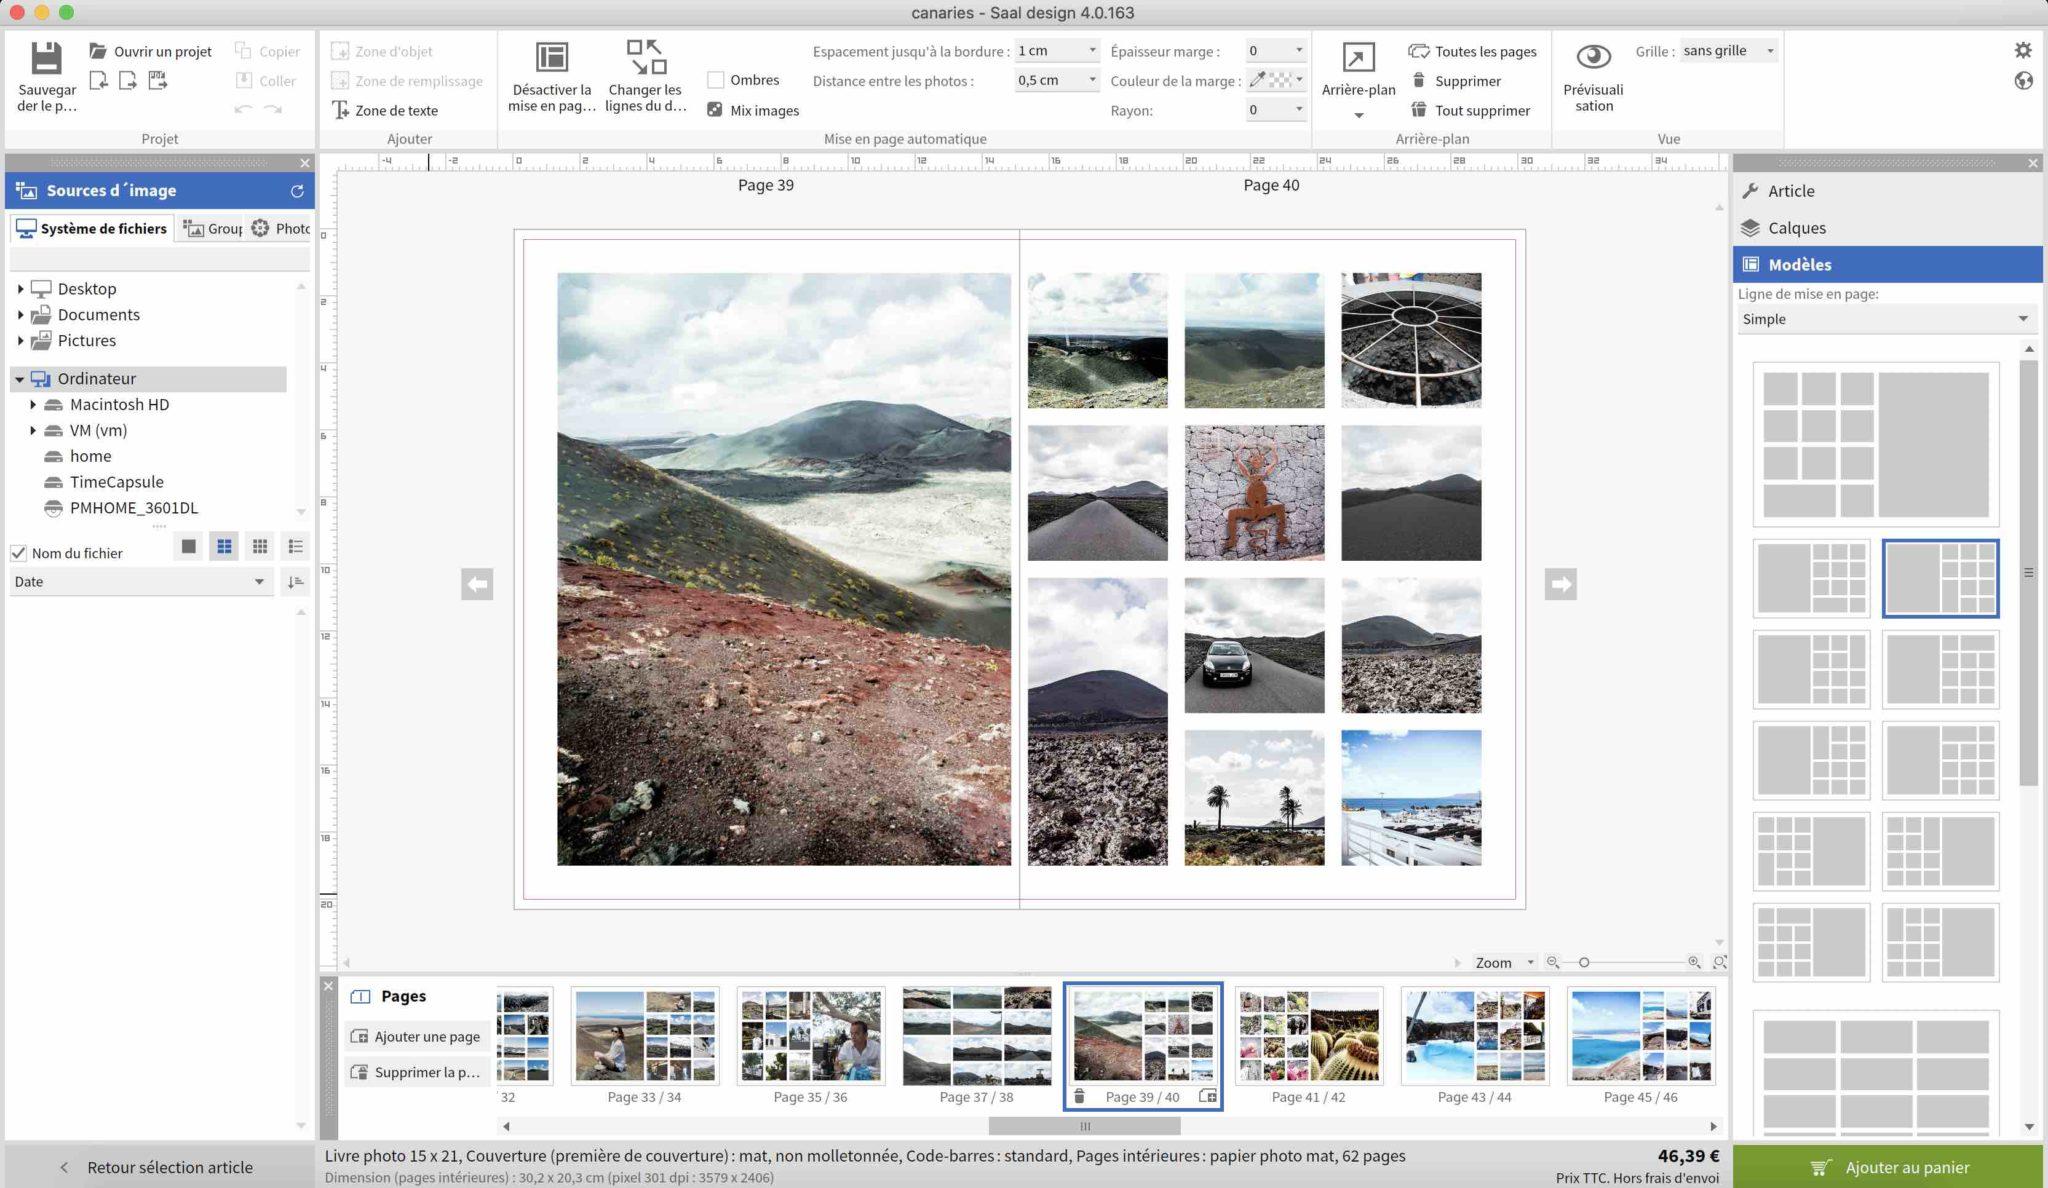 interface de création Saal Digital